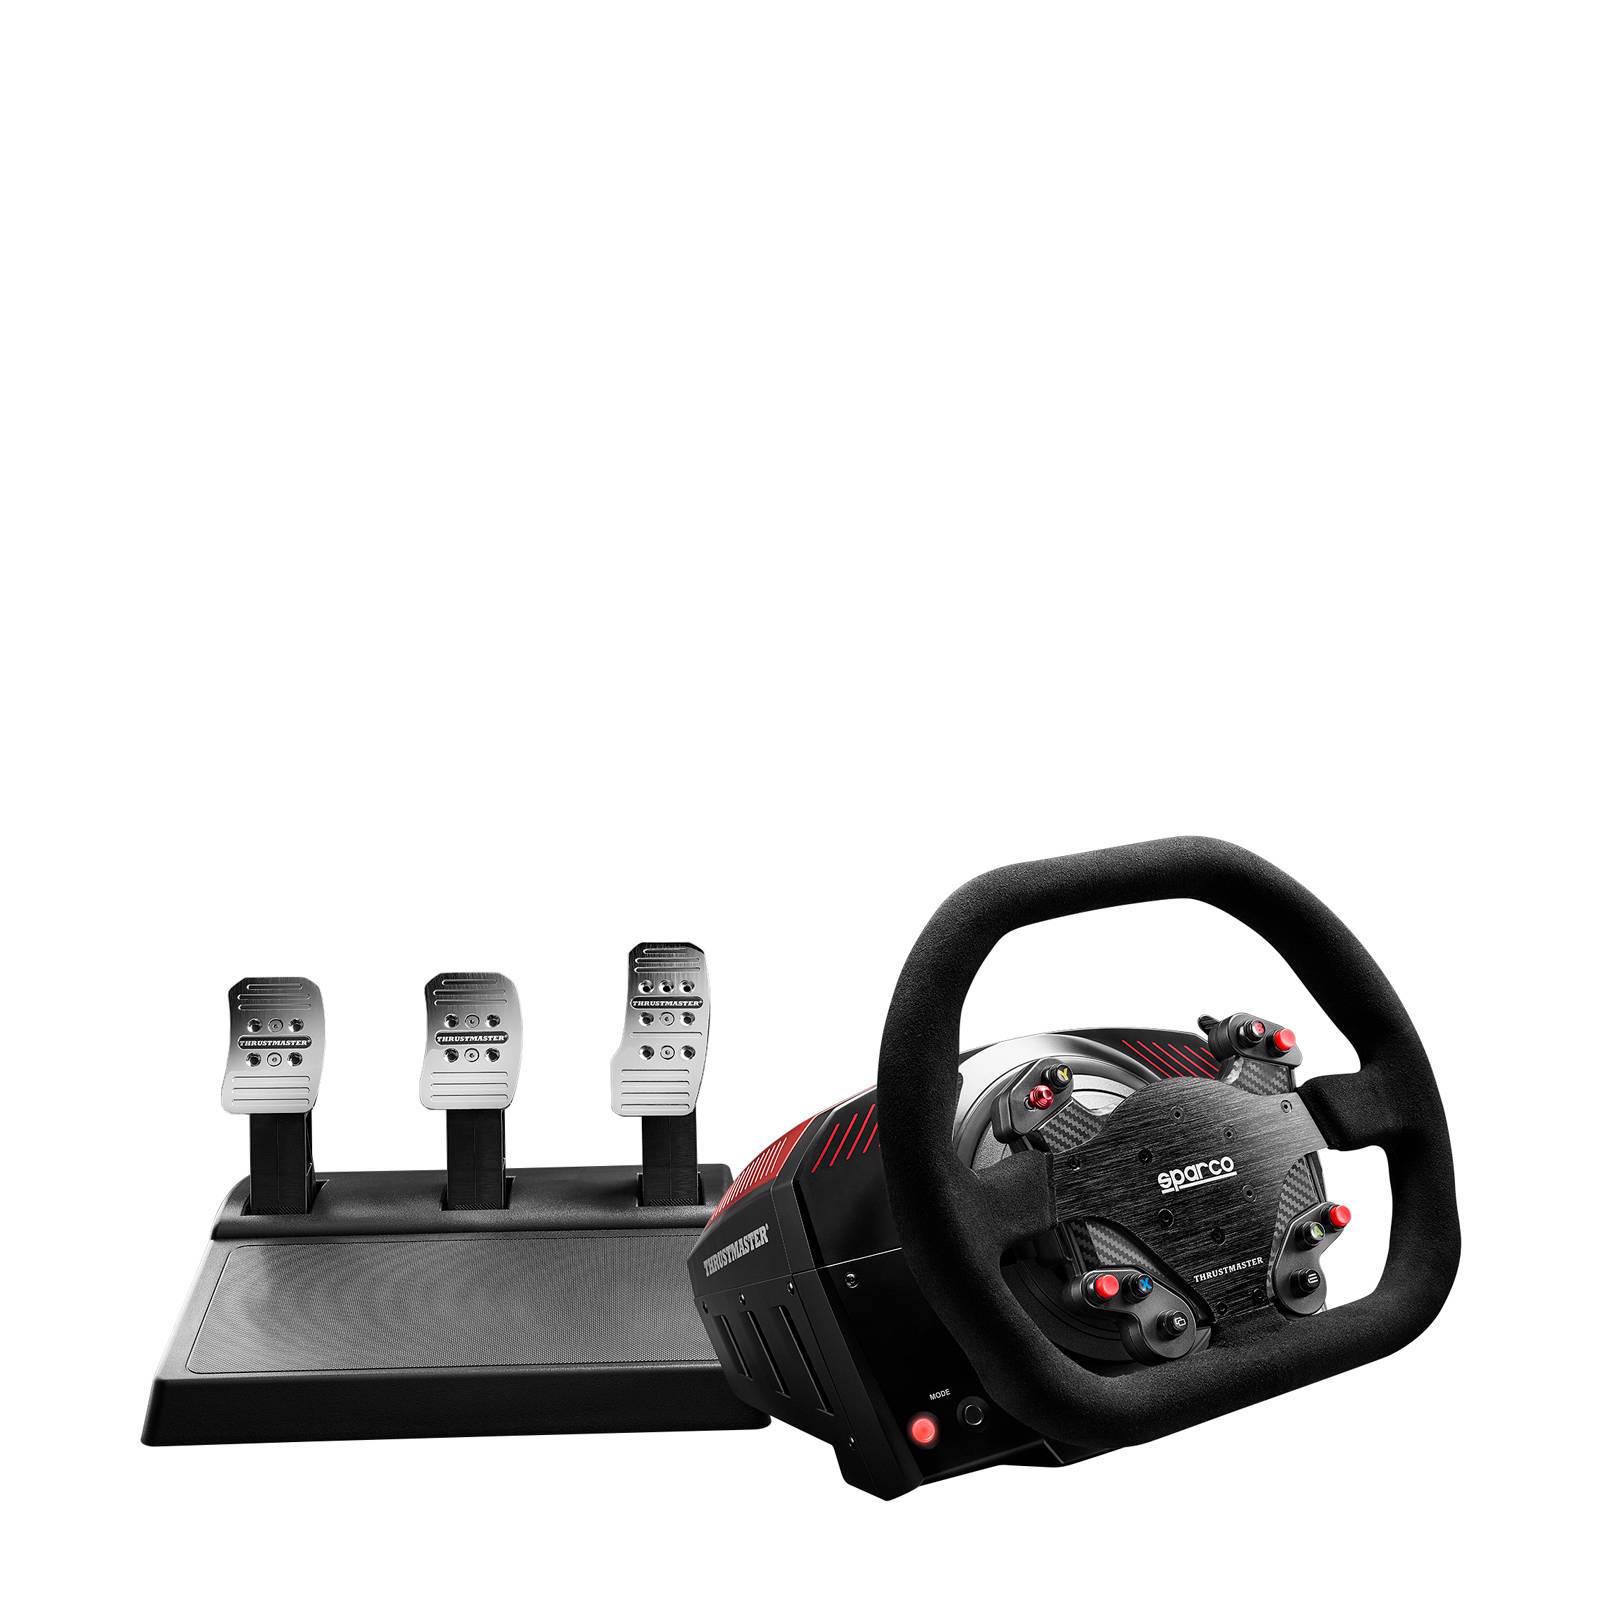 Thrustmaster Ts Xw Racer Sparco Racestuur Wehkamp New